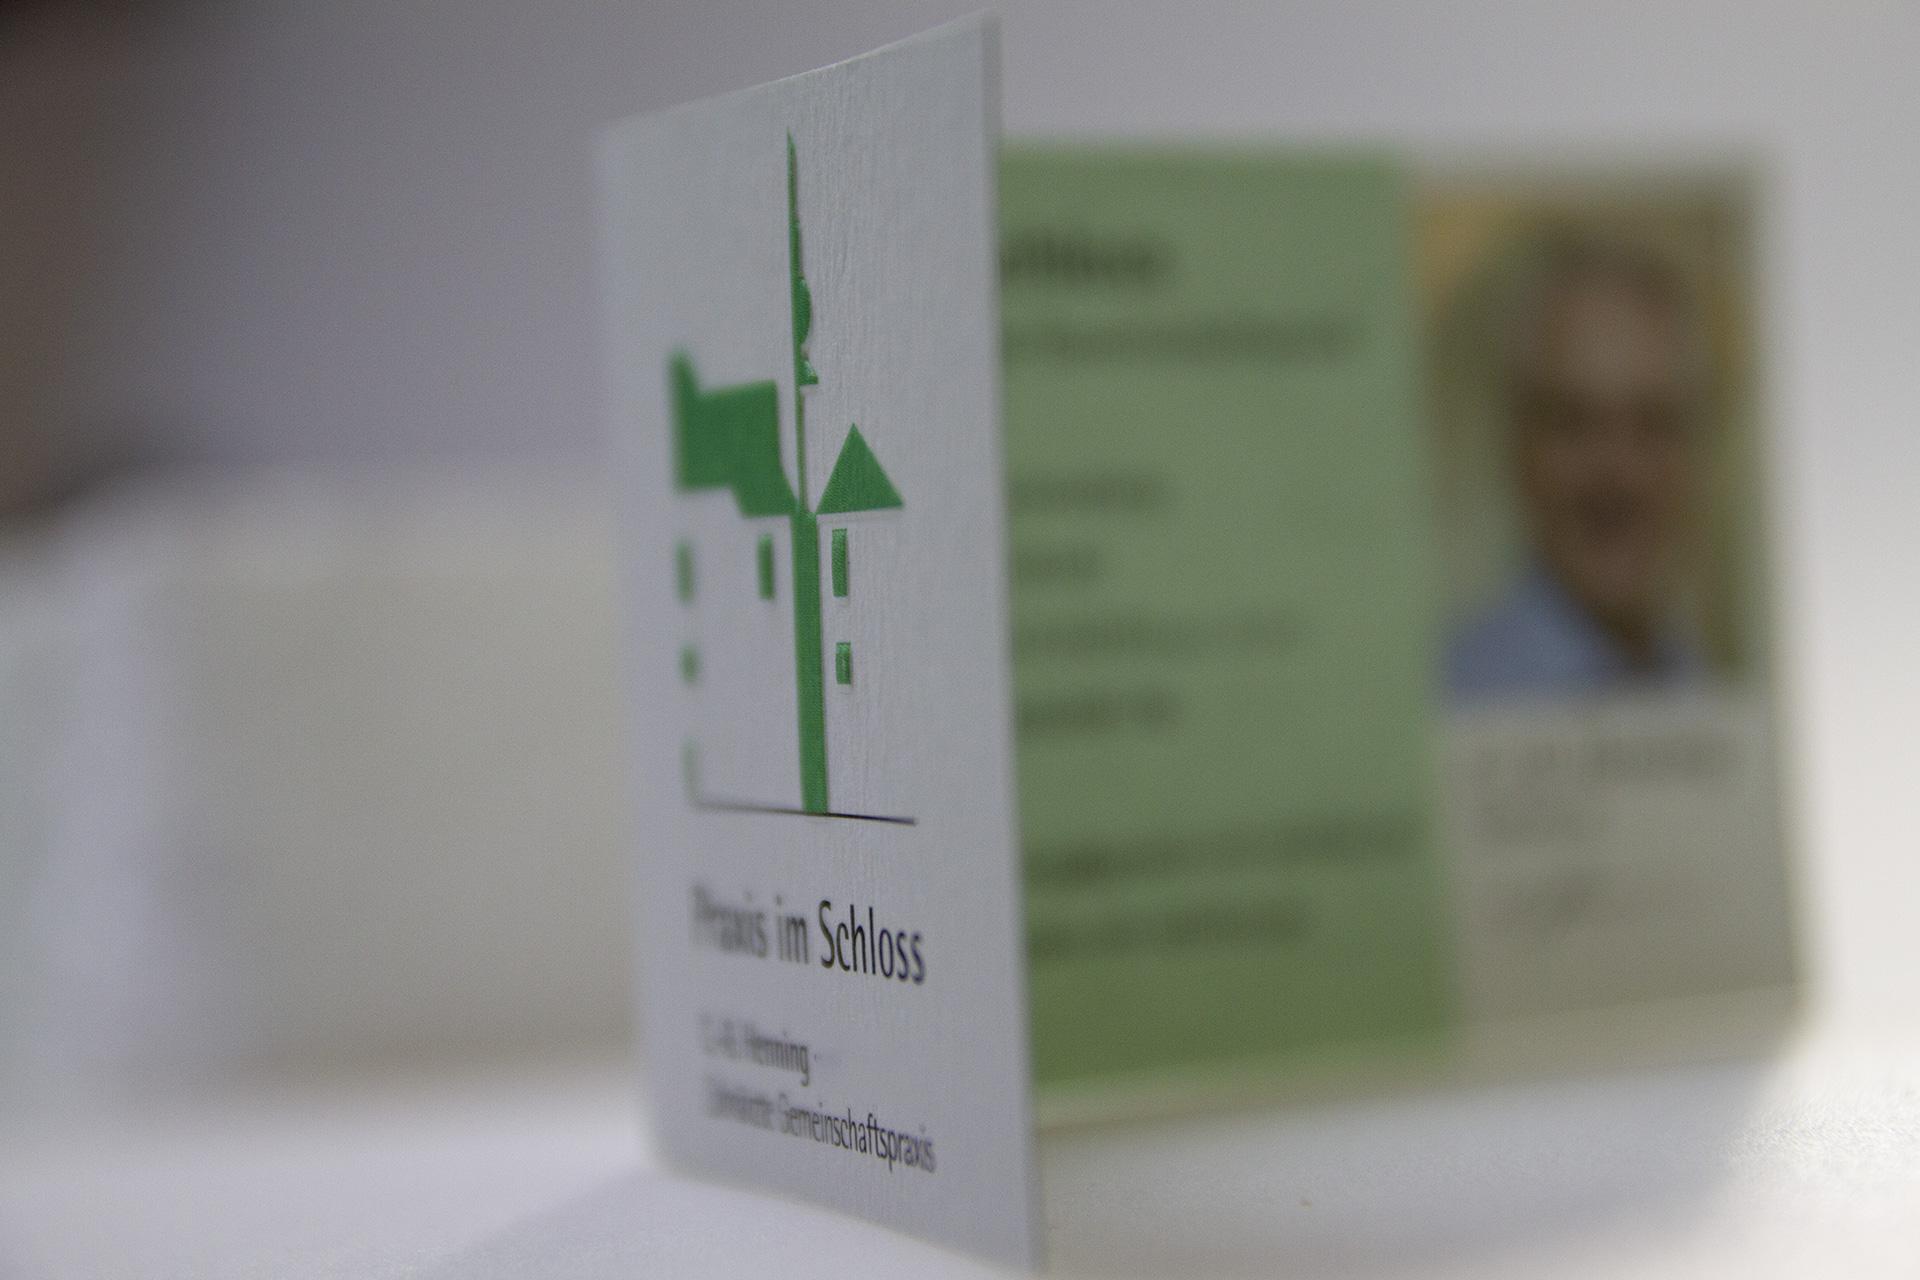 Visitenkarte für die Zahnarzt-Praxis im Schloss in Schrozberg